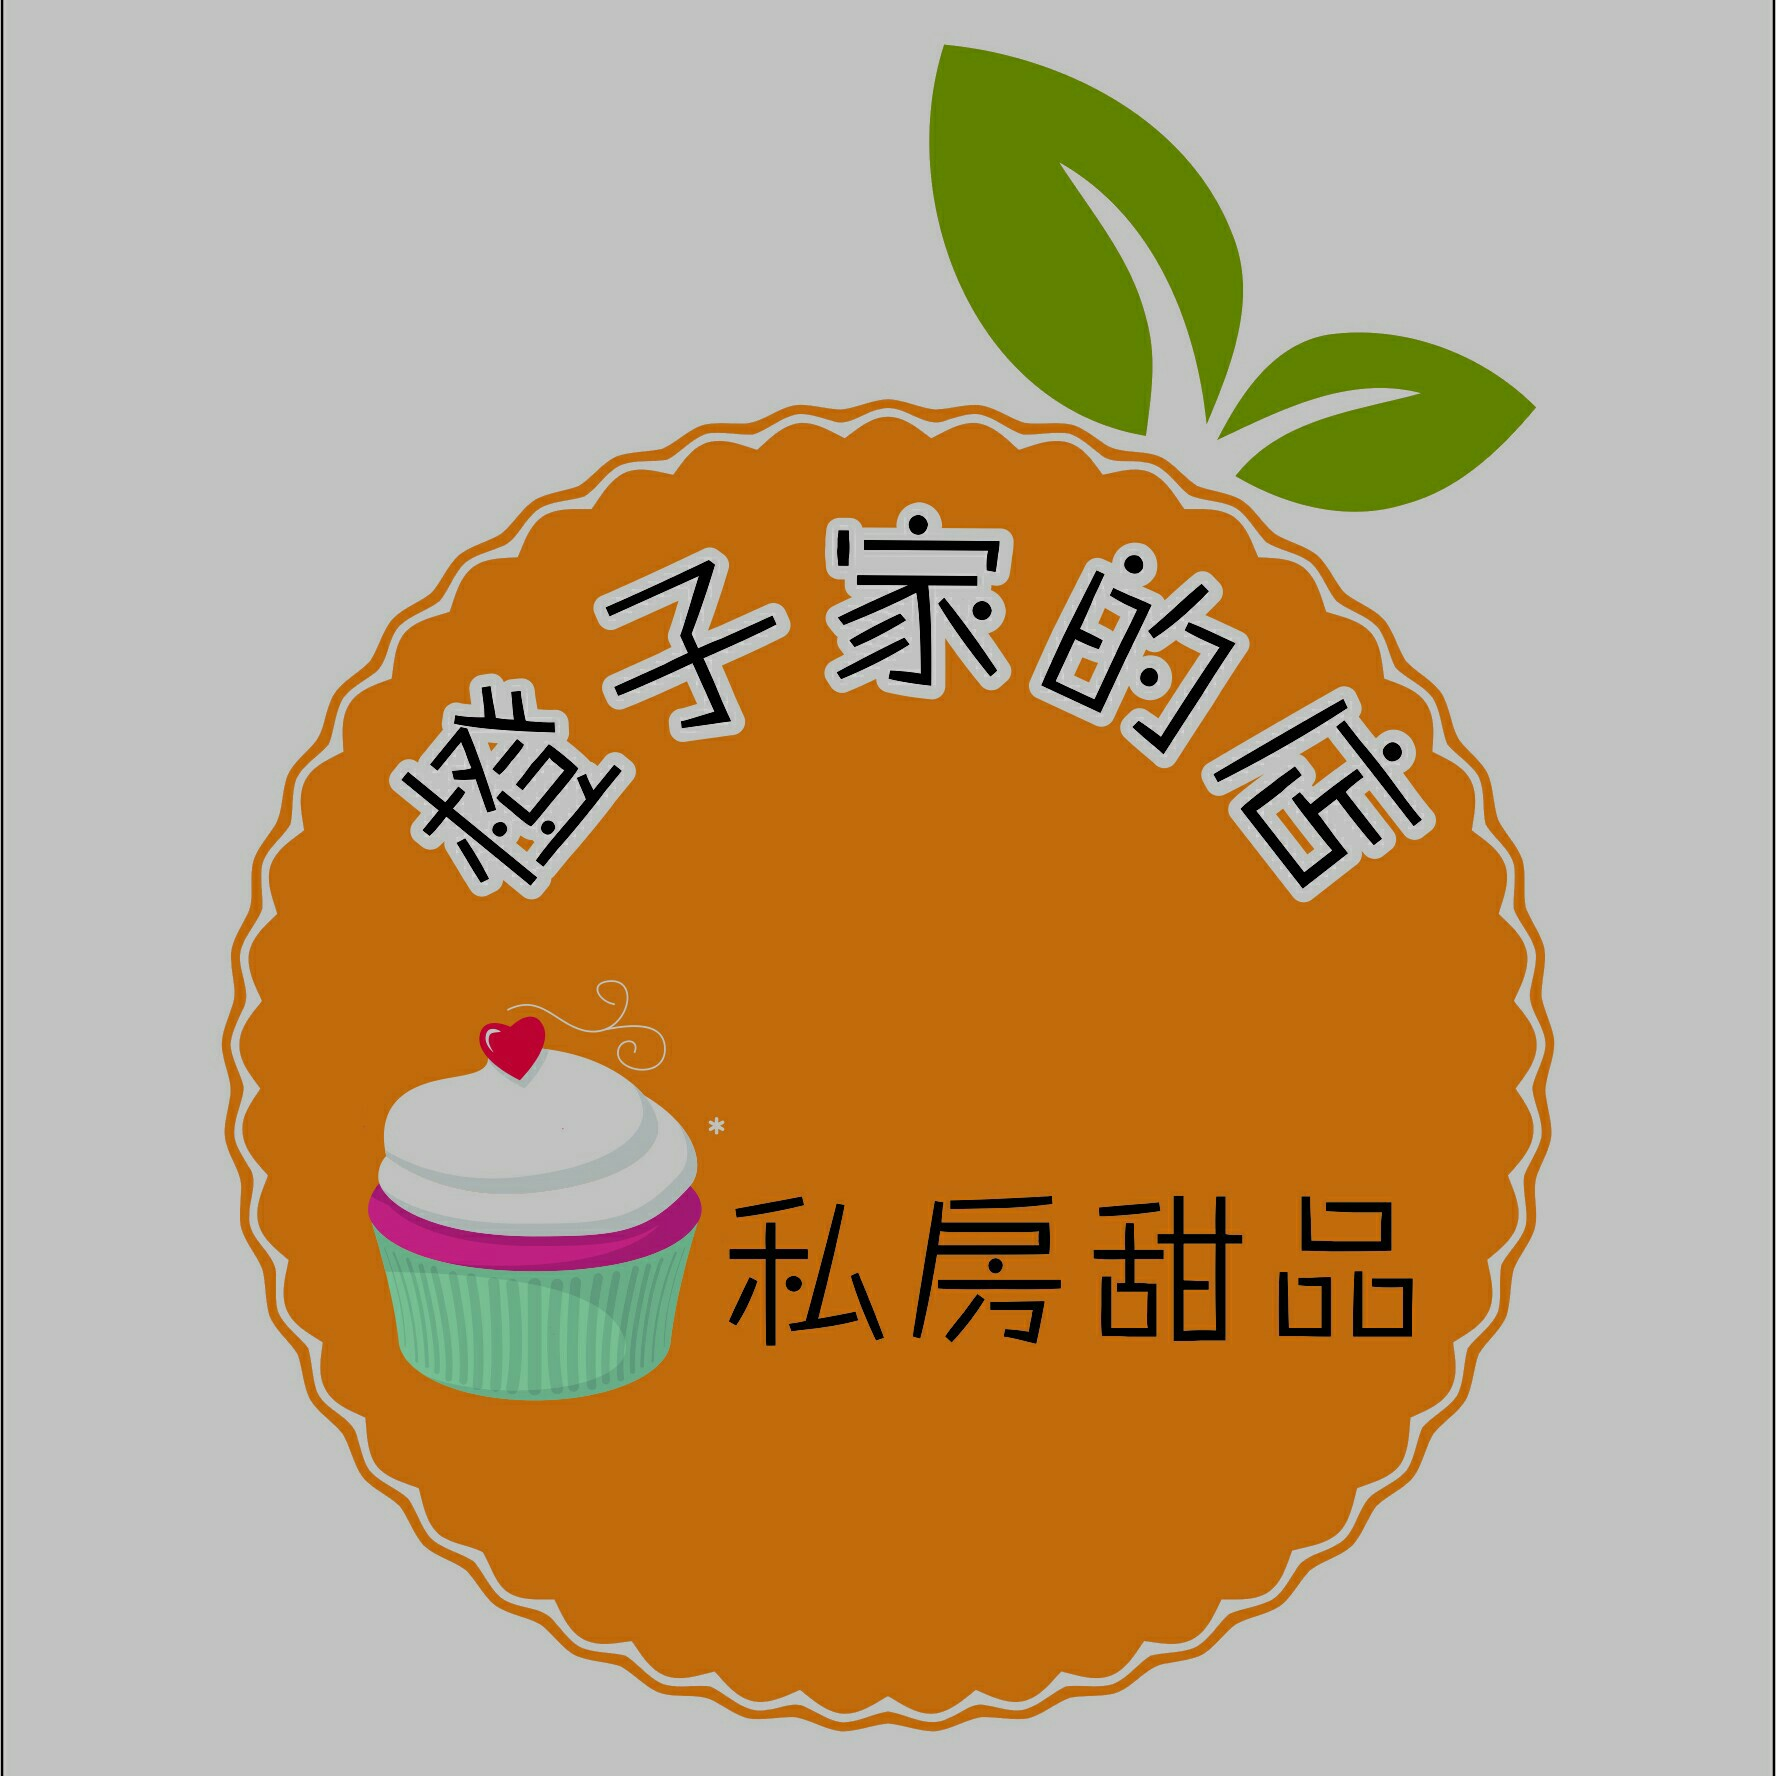 橙子🍊家的店.私房甜品